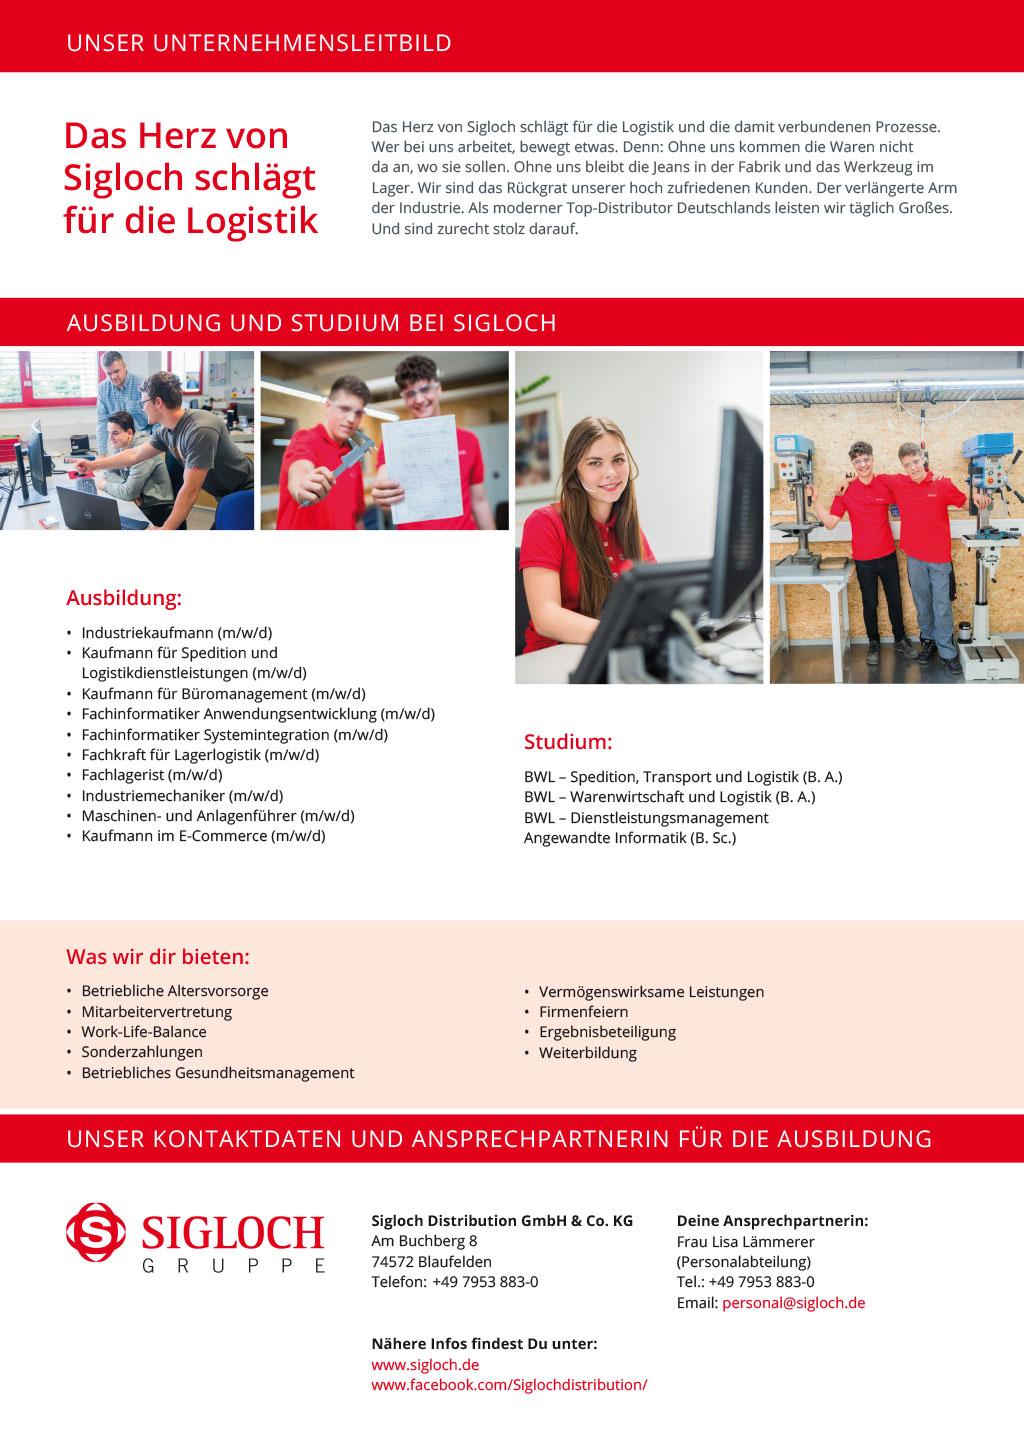 Ausbildungsplakat: Sigloch Distribution GmbH & Co. KG